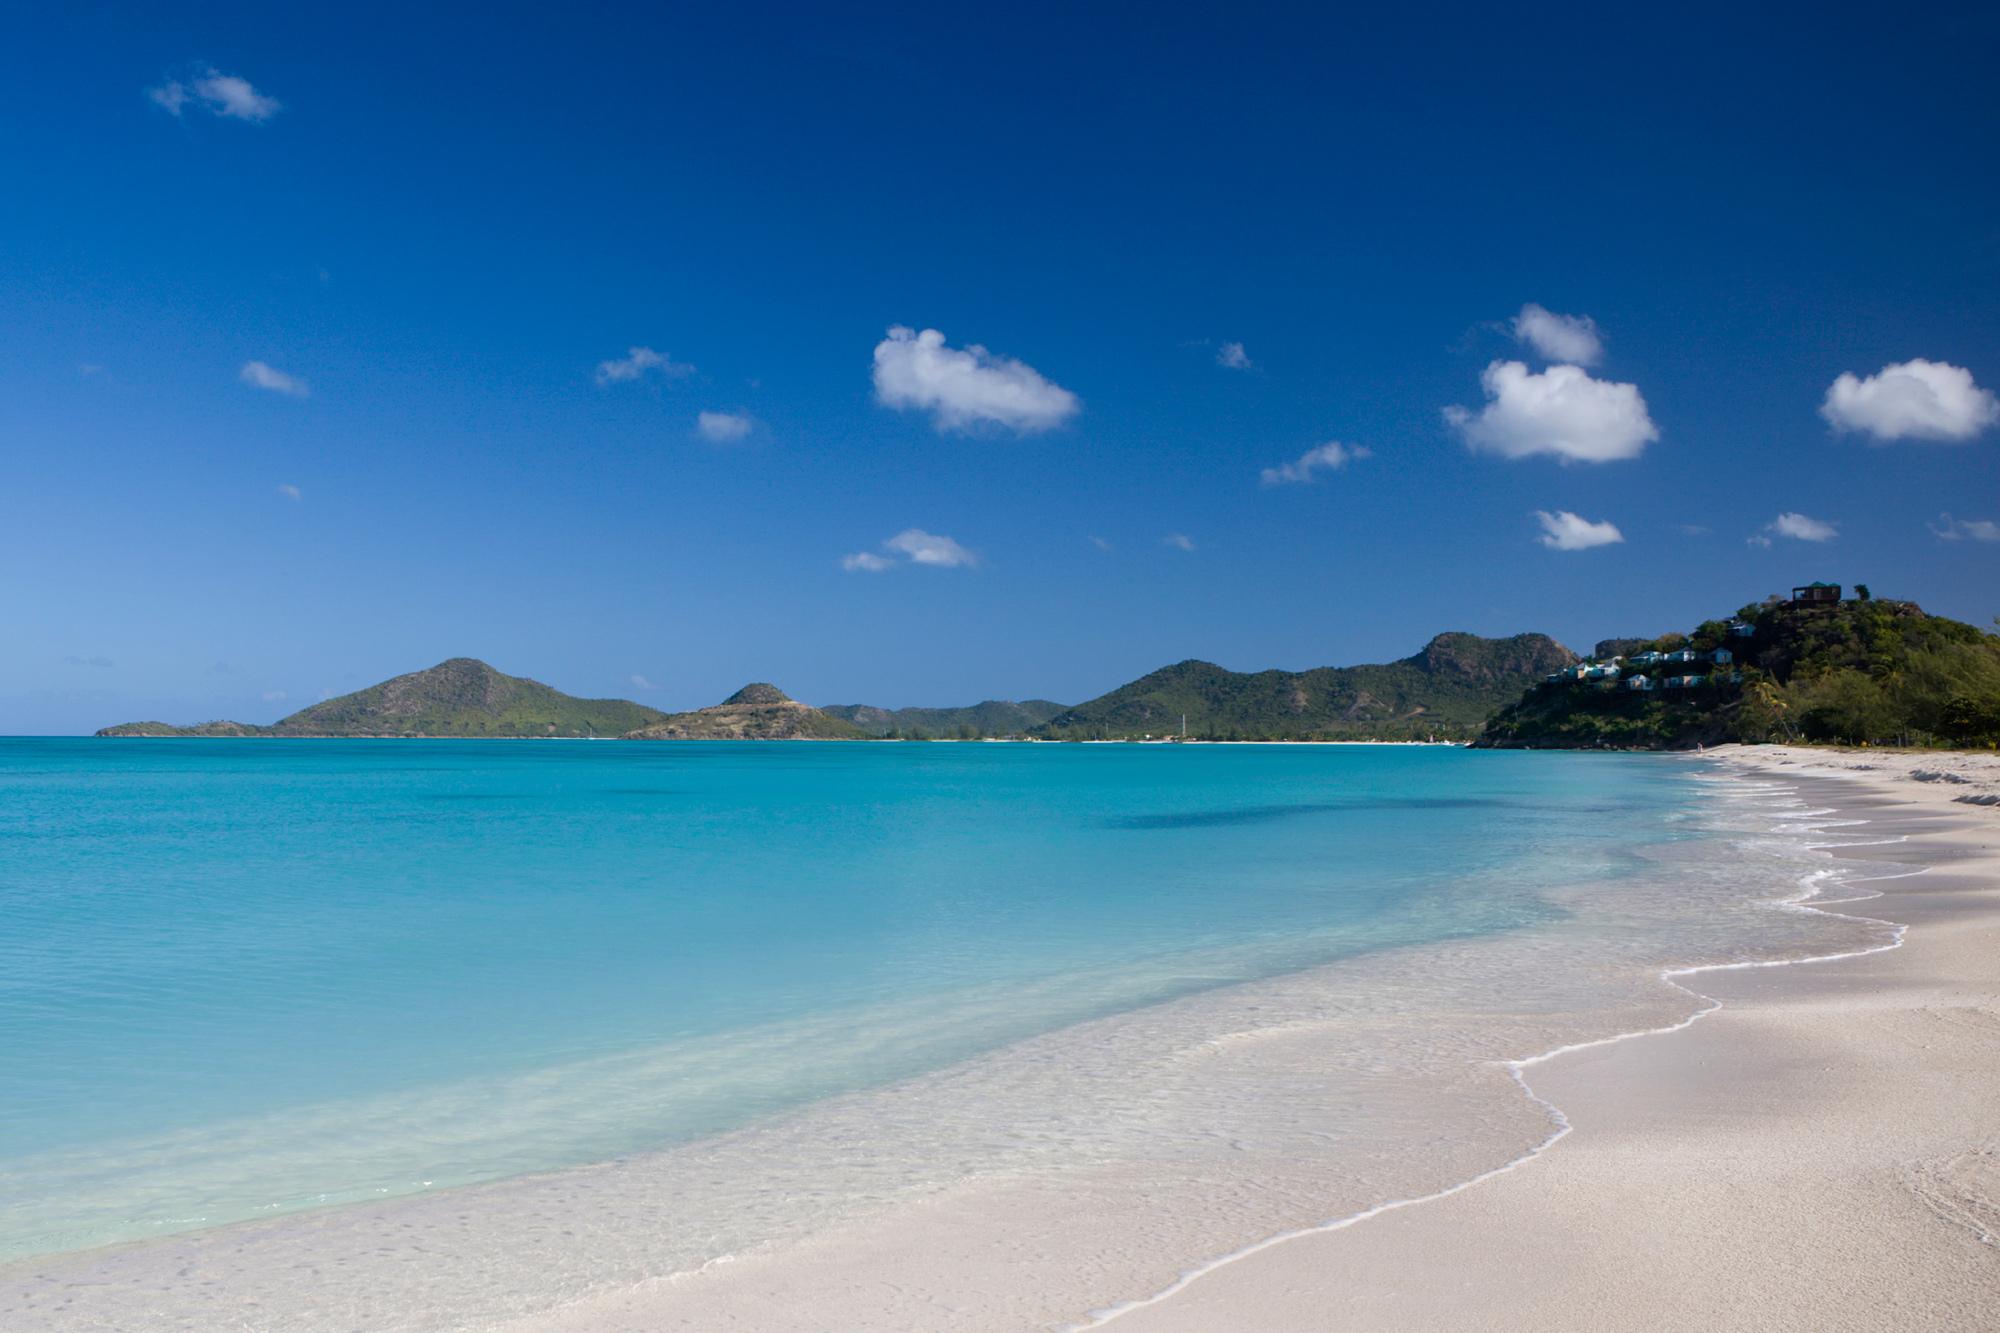 Karibik Reisen » Mit TUI in den Traum-Urlaub - Jetzt buchen auf ...